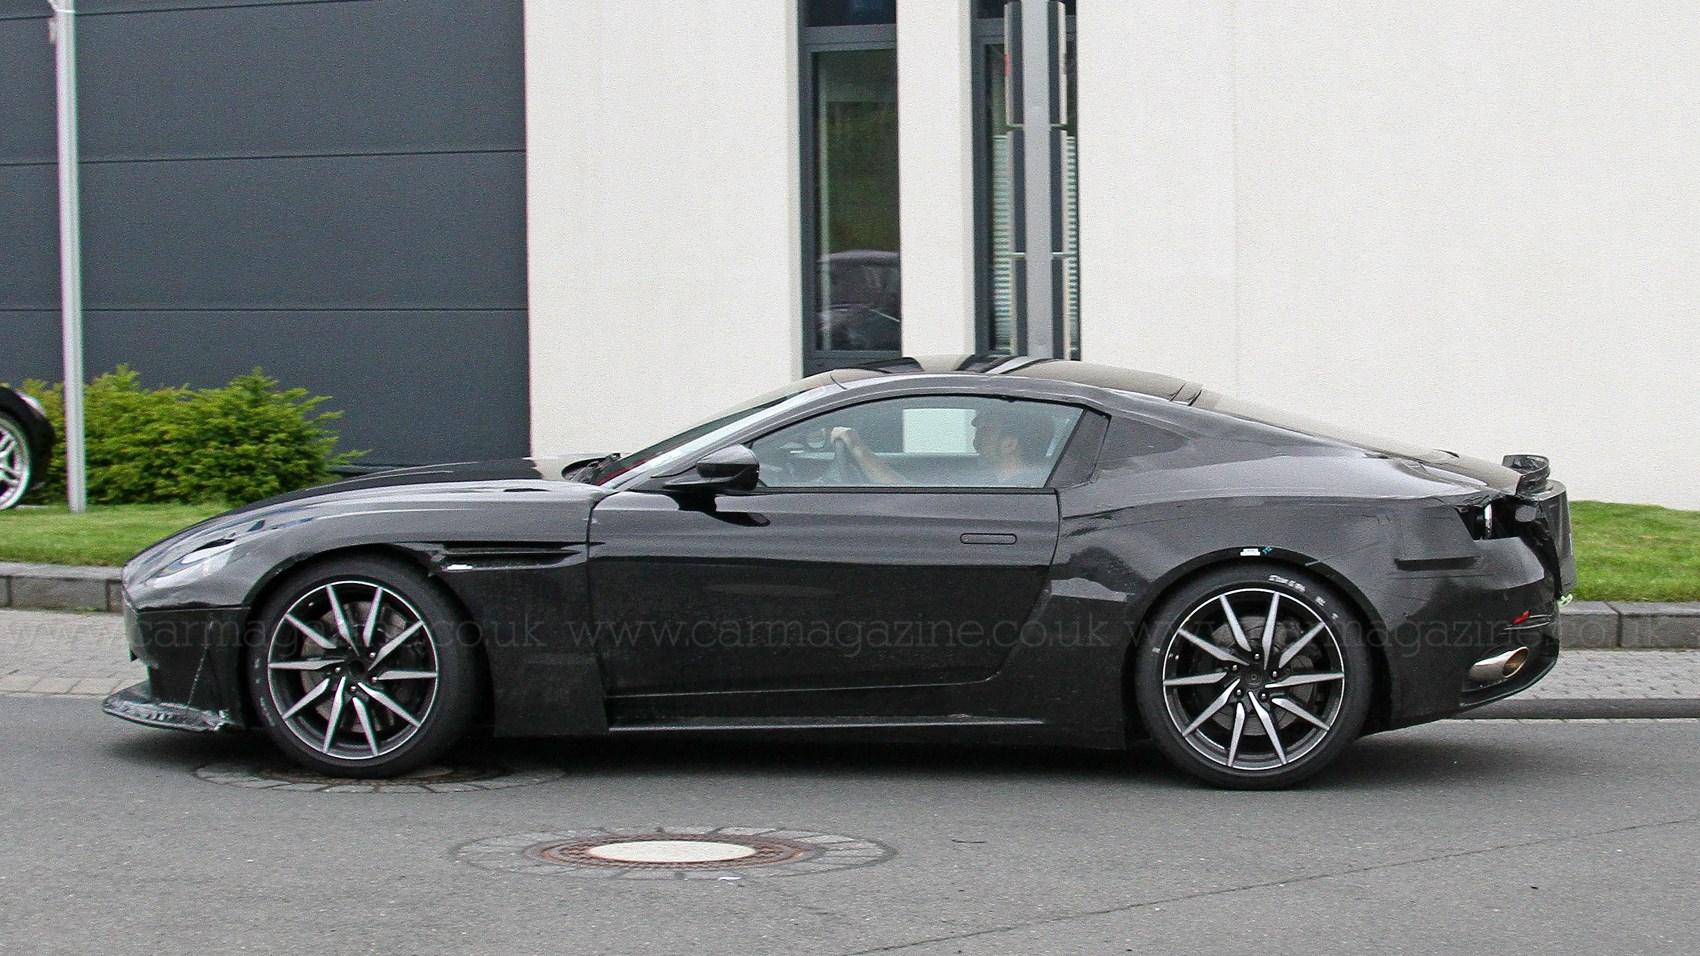 Aston Martin Vantage Backgrounds, Compatible - PC, Mobile, Gadgets| 1700x956 px